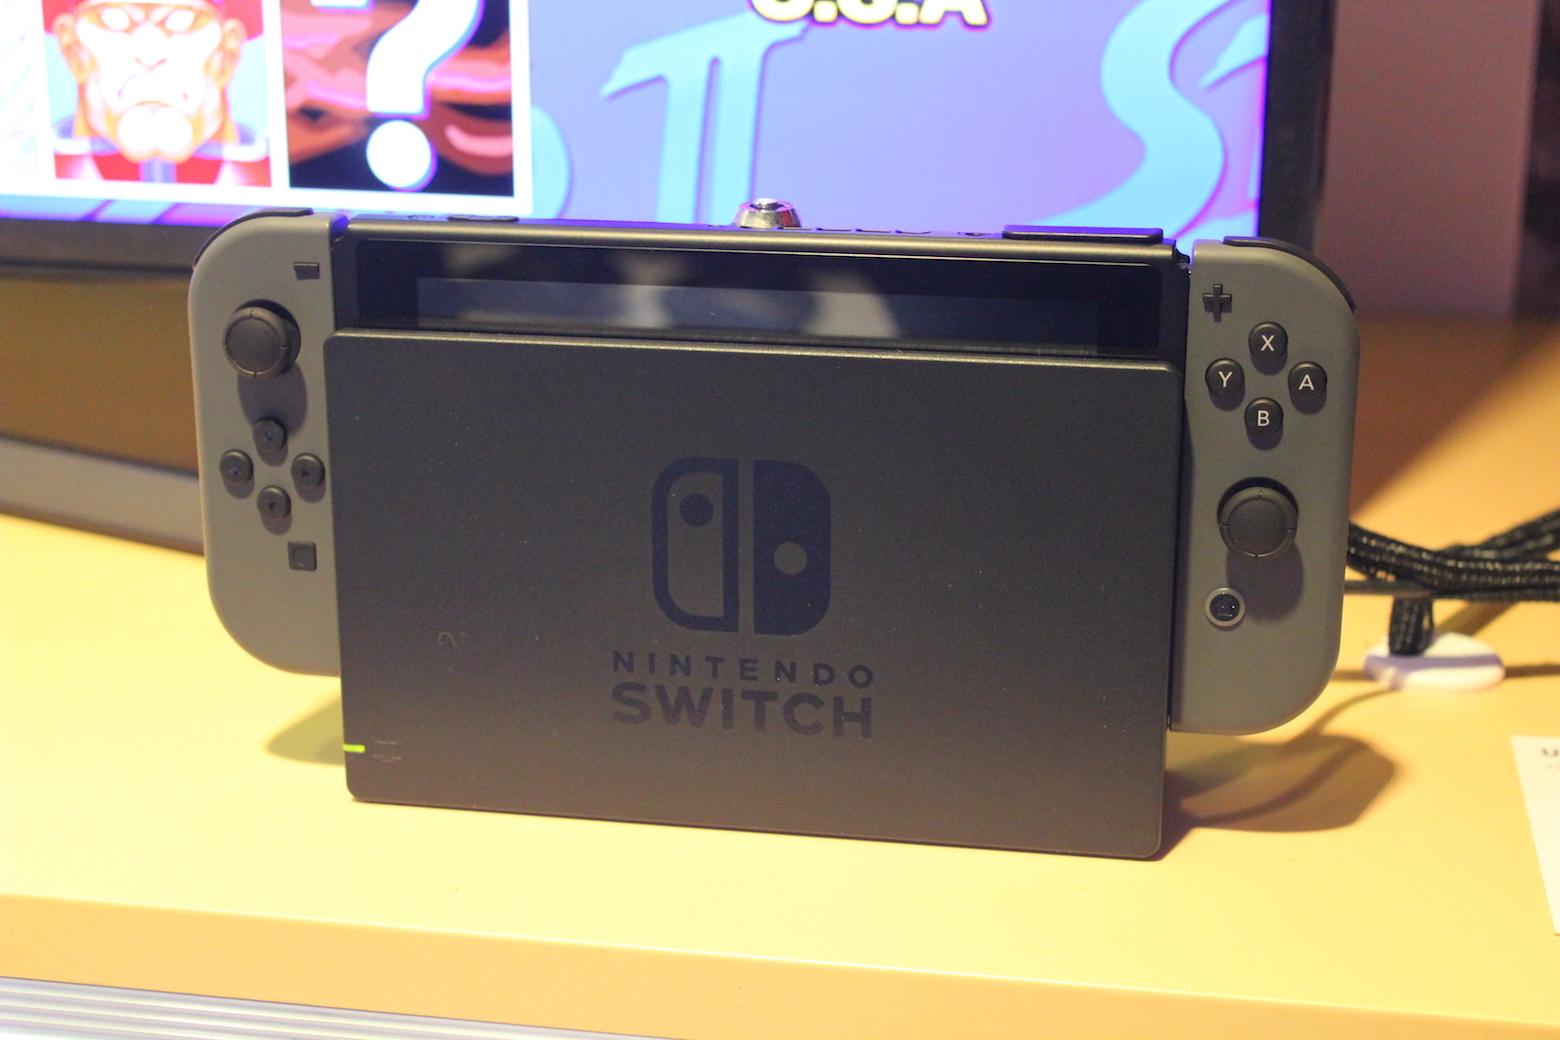 Nintendo Switch vs. Wii U